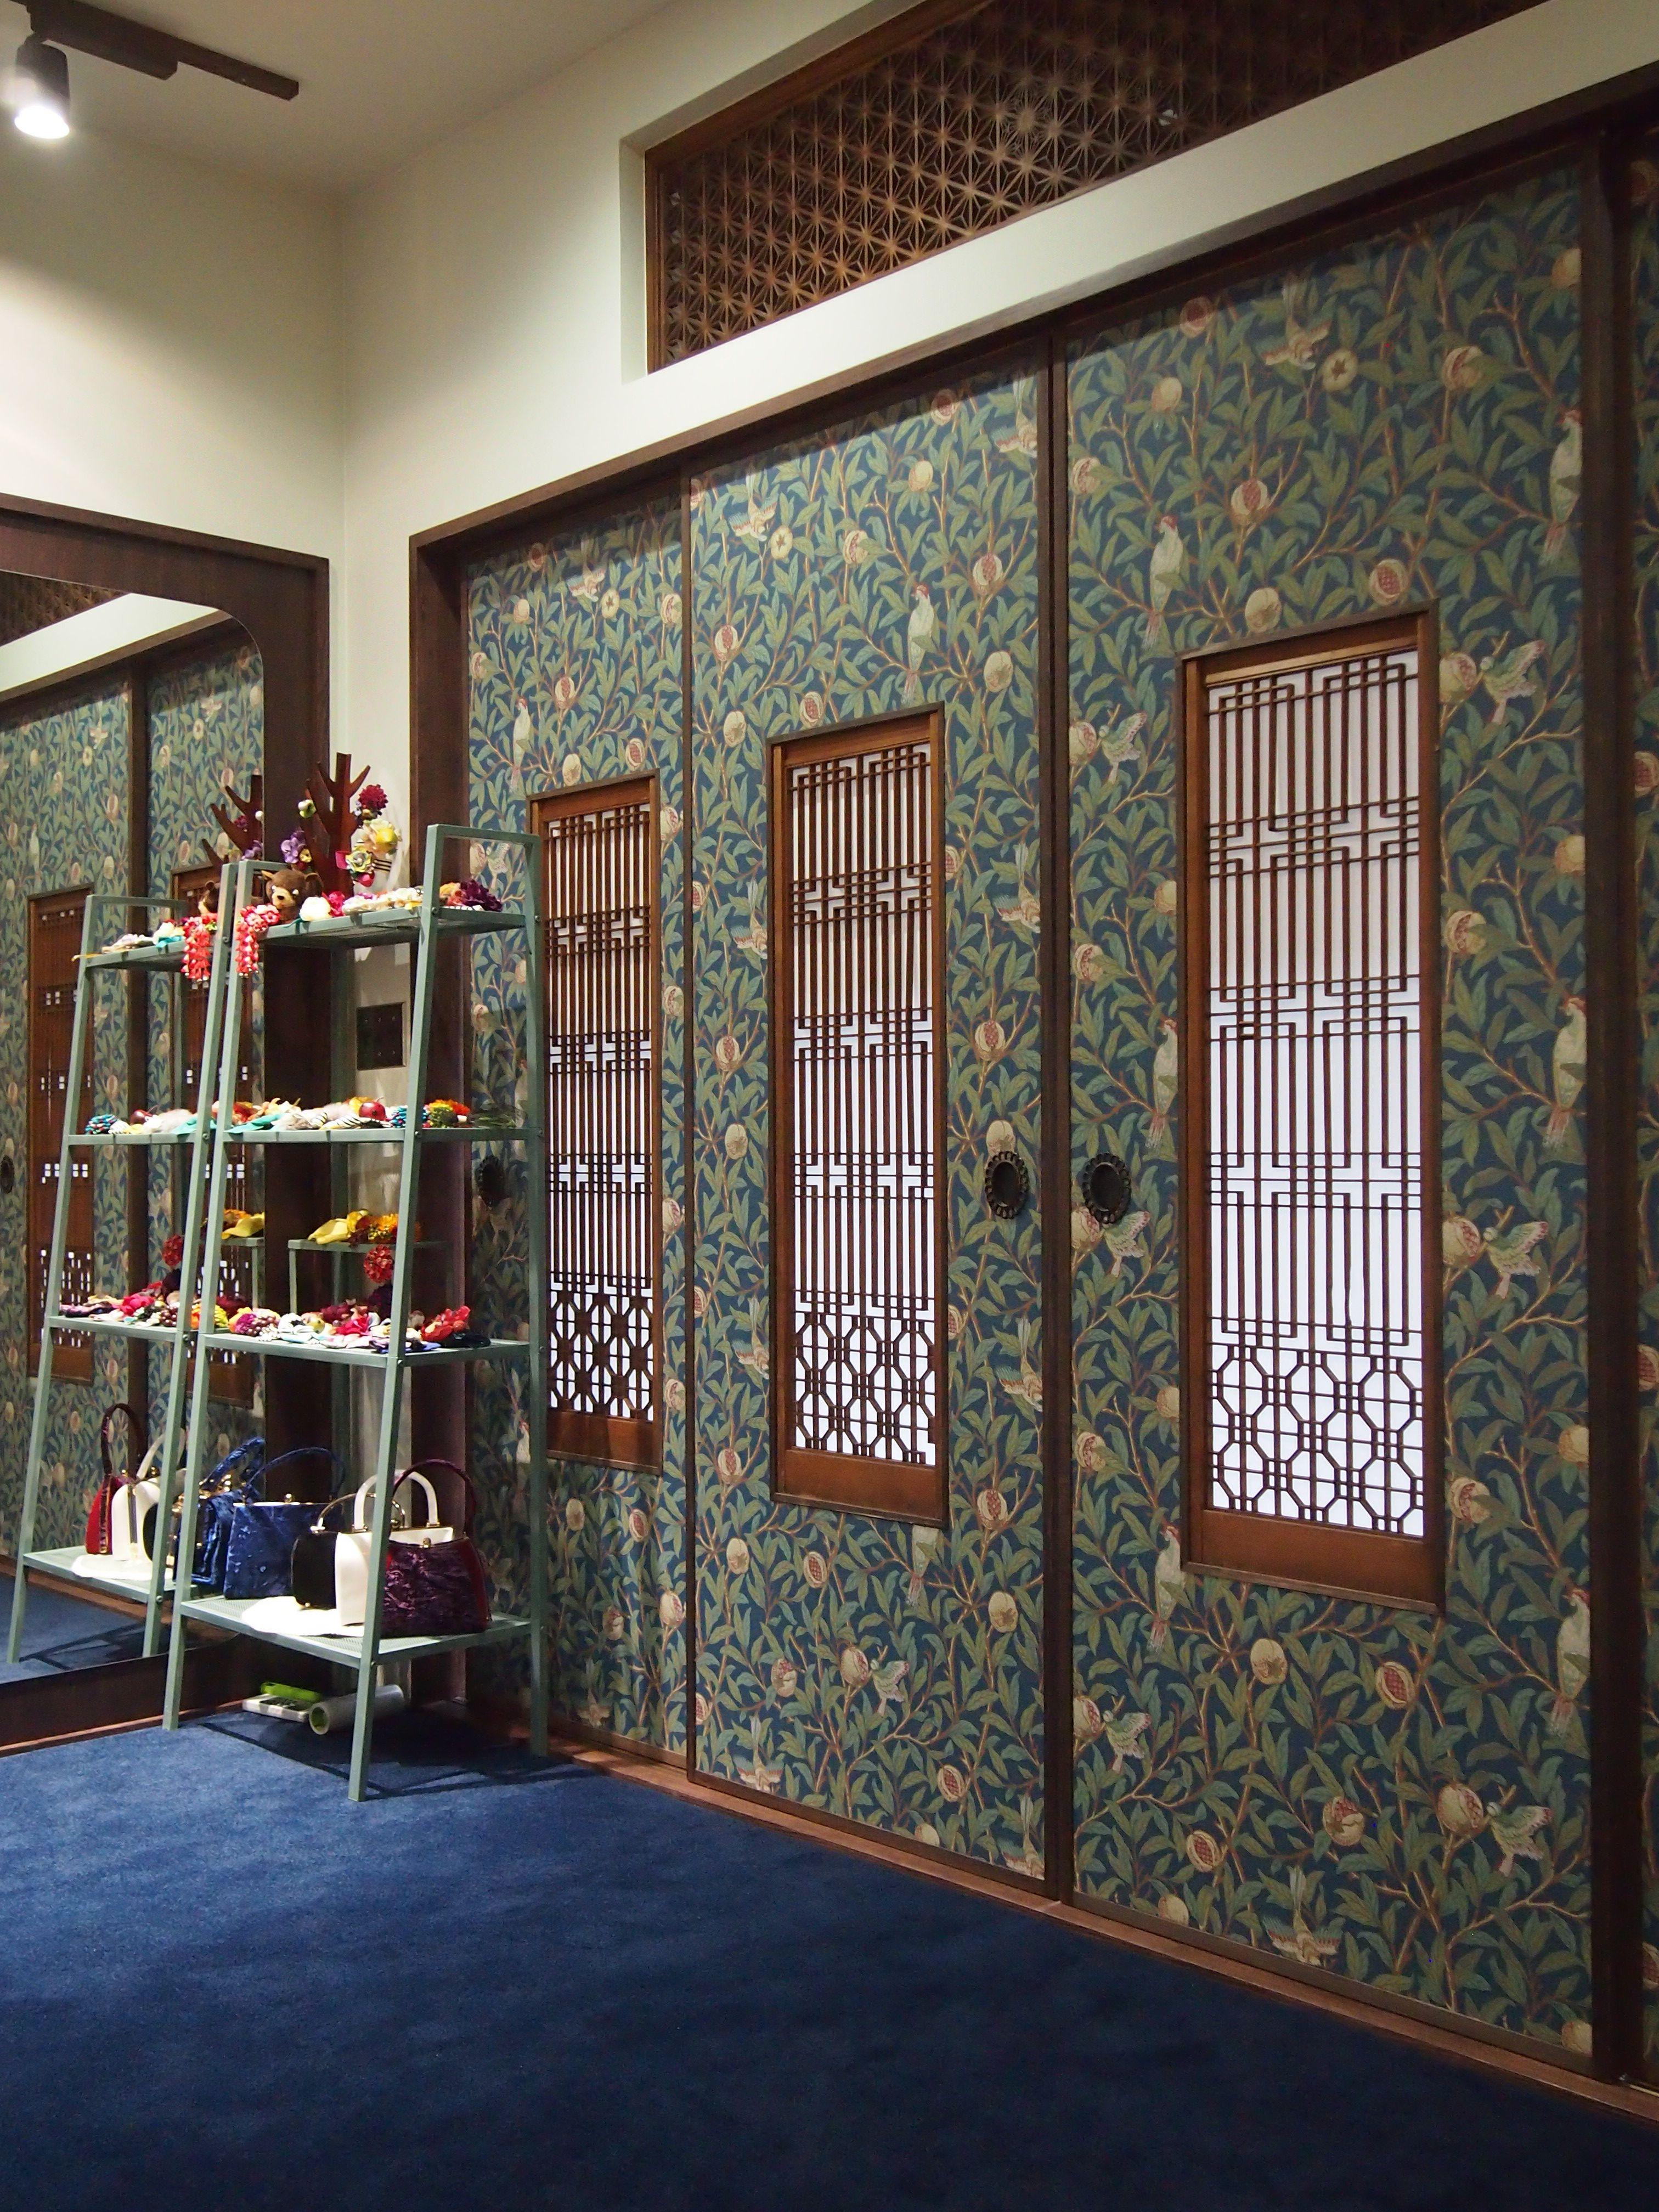 リバーの施工事例一覧 株式会社リバー 和室 壁紙 モダン 壁紙 インテリア インテリア 絨毯